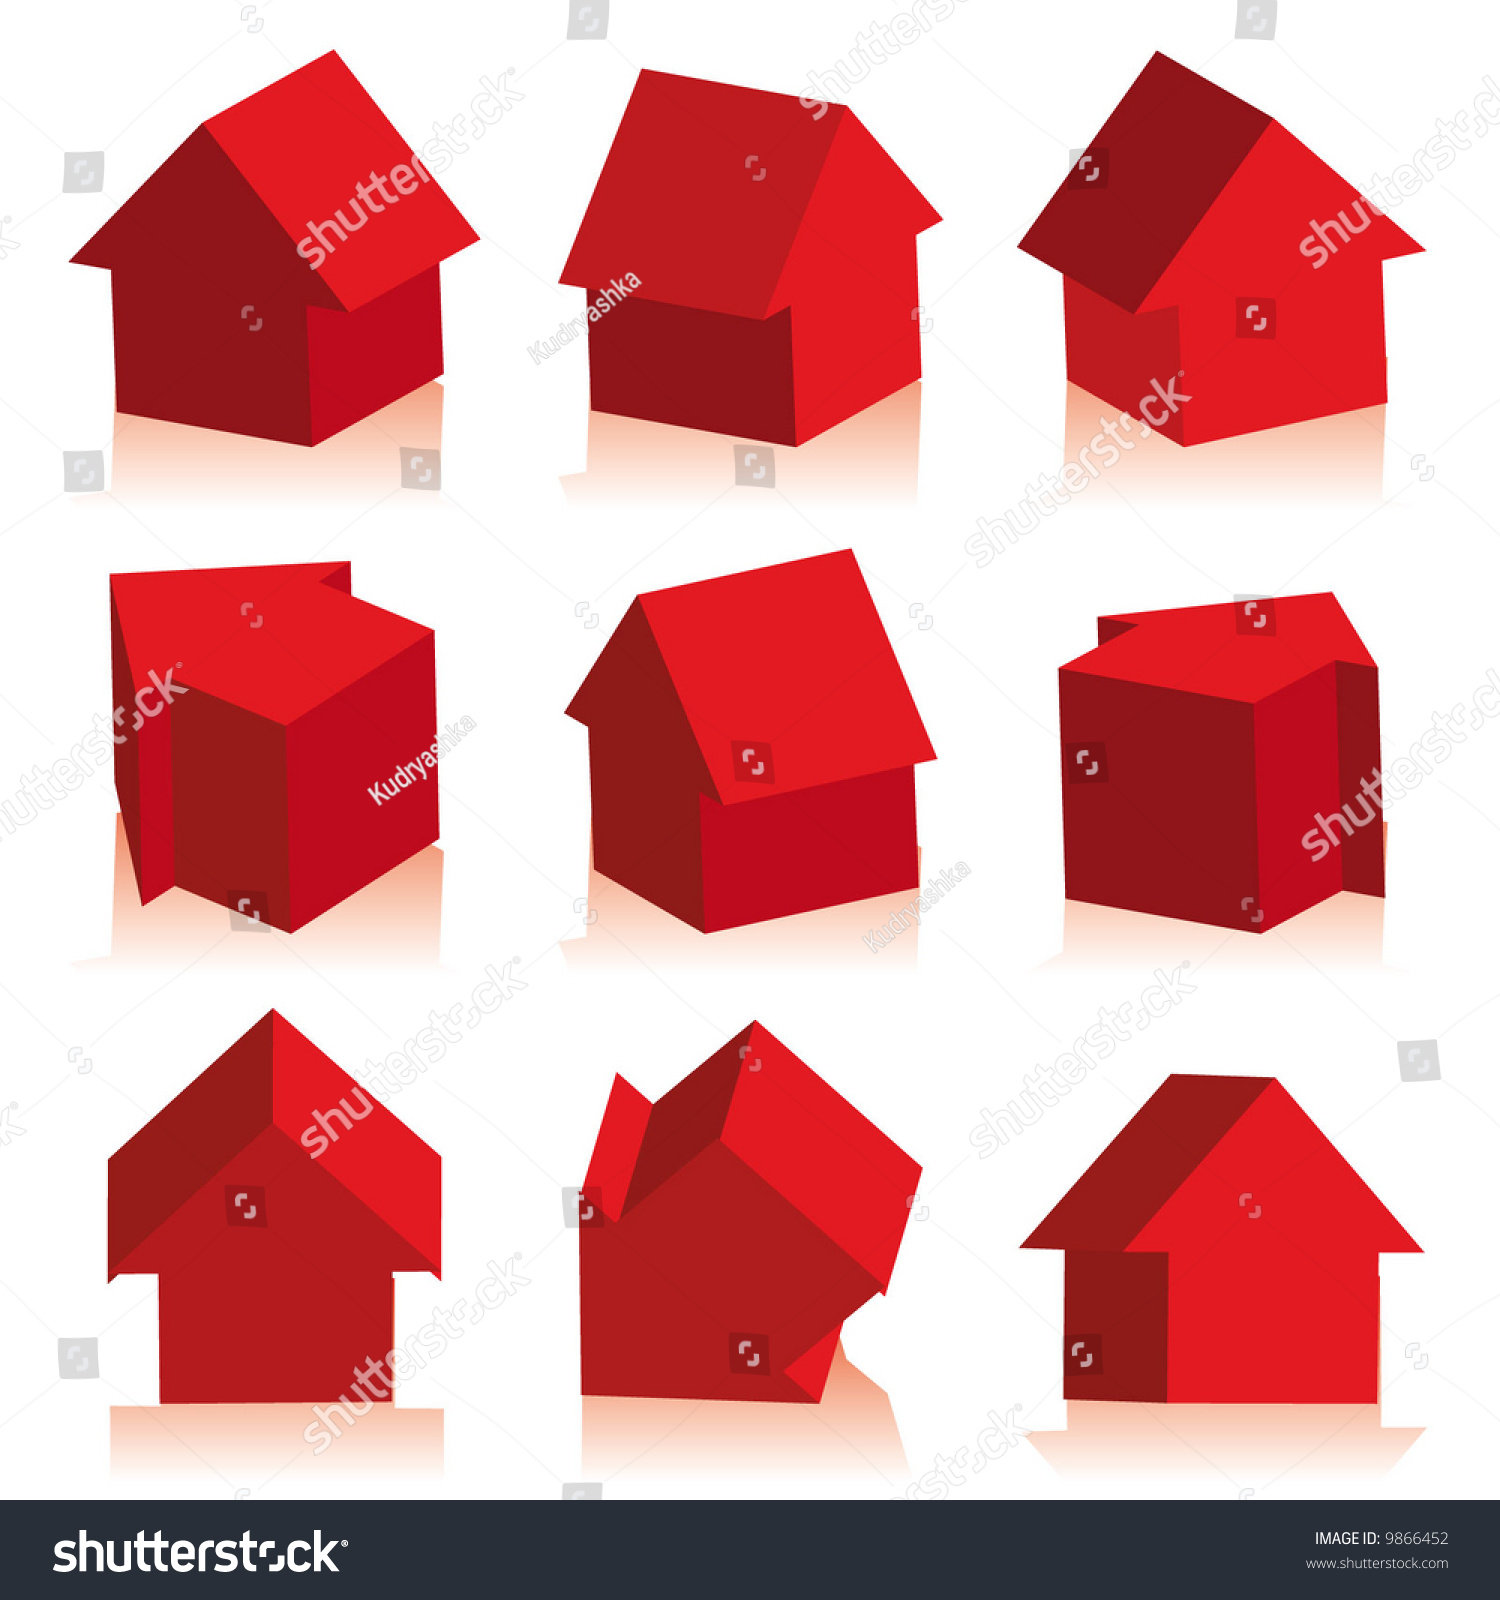 收藏的房子红色,图标-插图/剪贴图